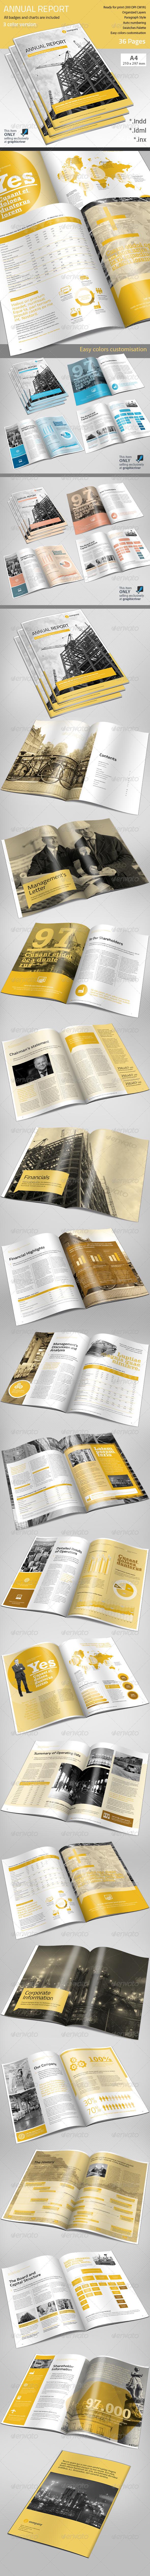 GraphicRiver Annual Report 7481014